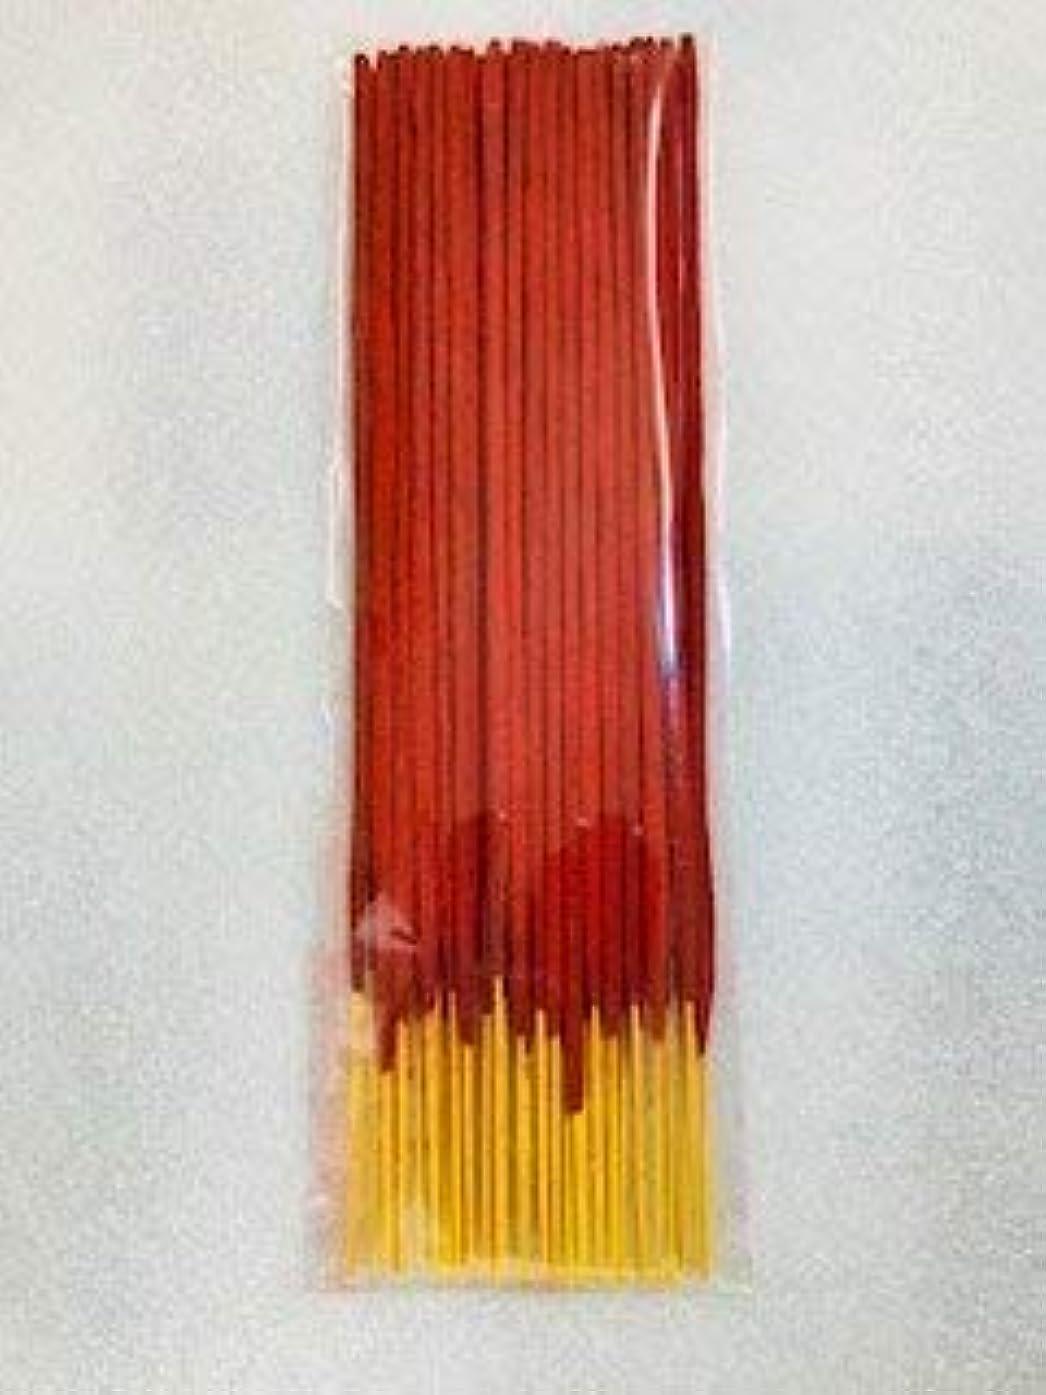 硬化する洞窟極めて重要なGT Fragrance Marketing Agency Saffron Incense Sticks (100 g) Bundle of 2 Packs